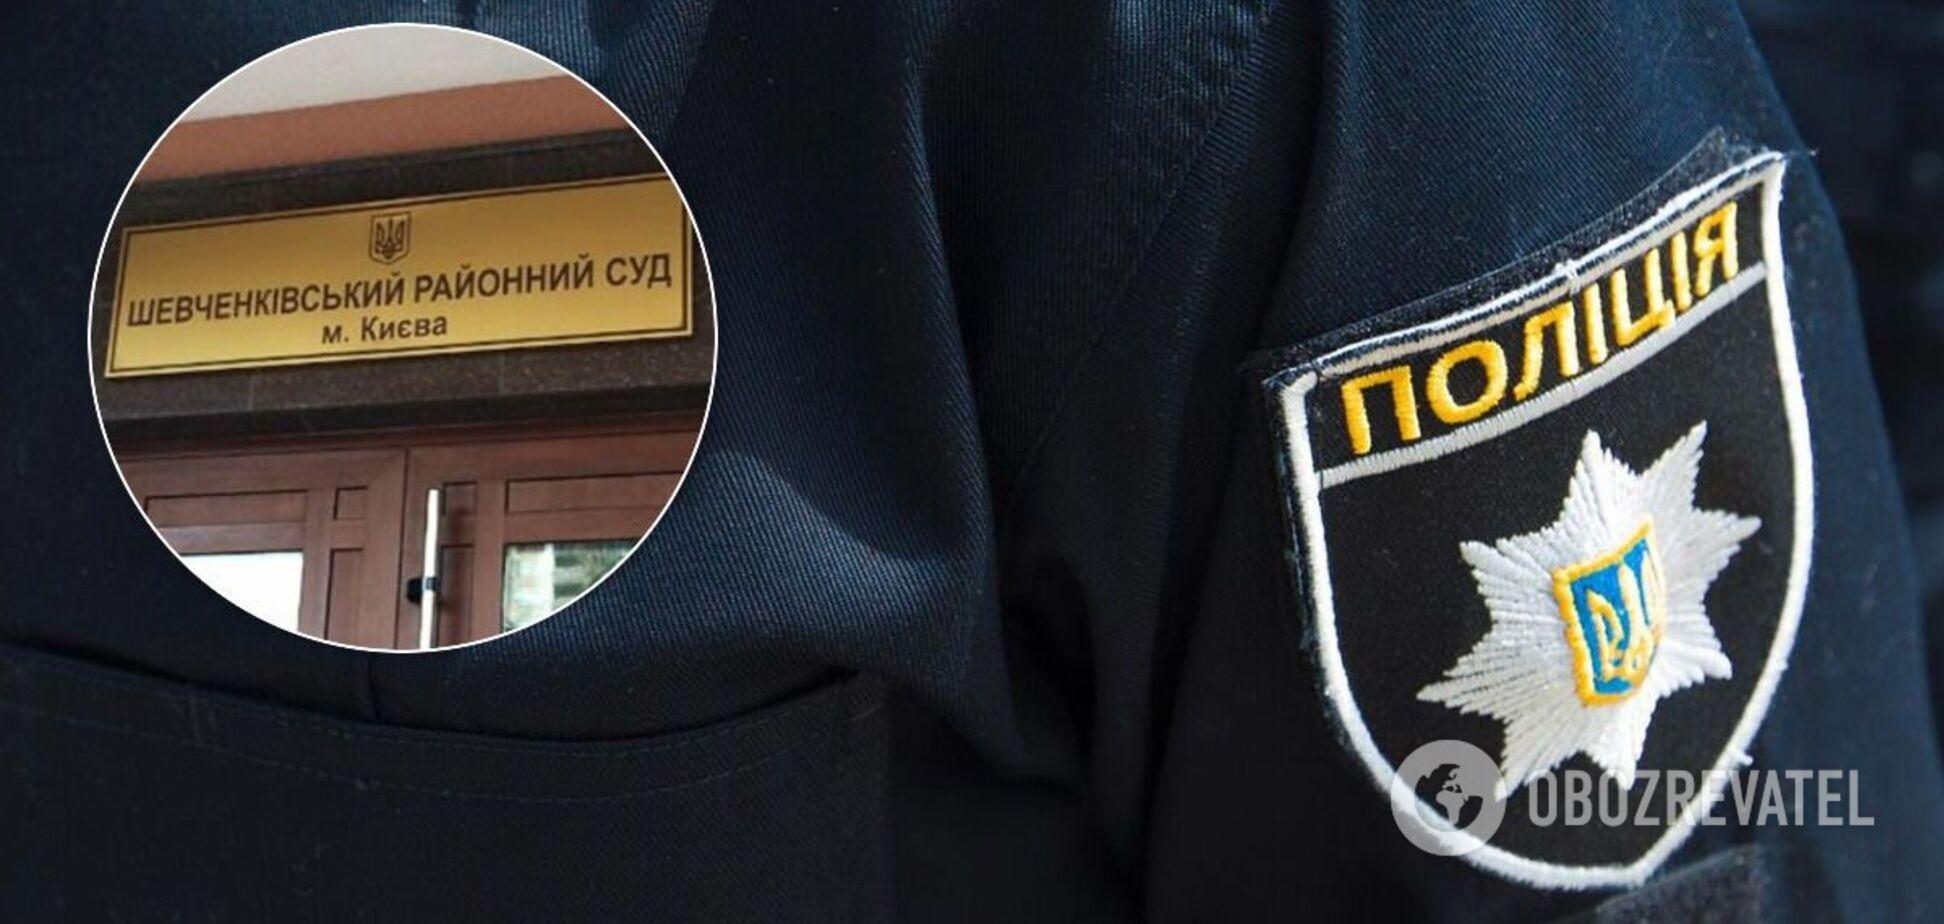 В Киеве сообщили о 'заминировании' Шевченковского райсуда. Иллюстрация